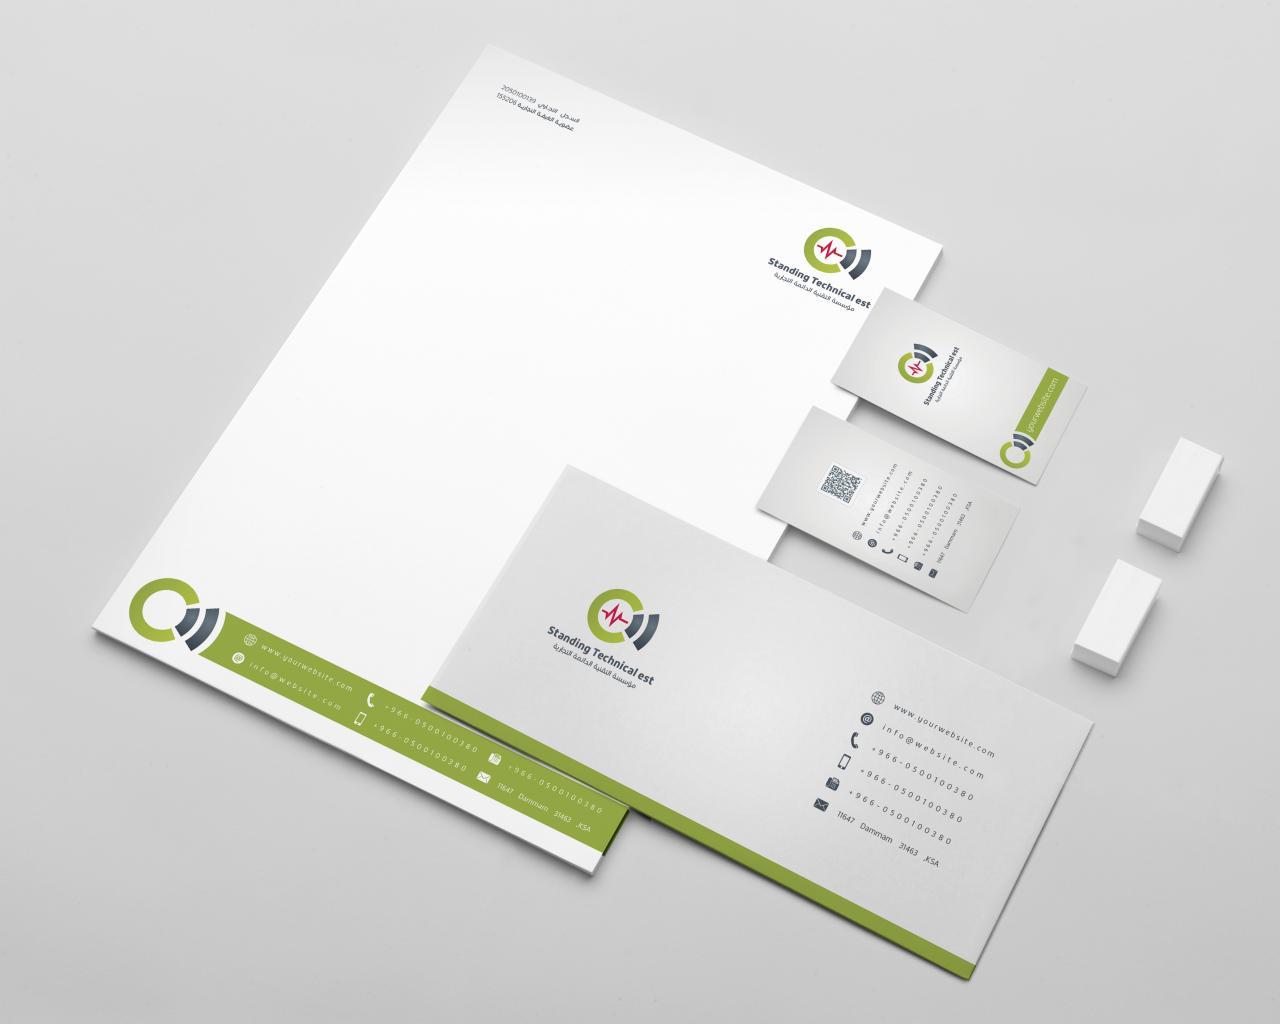 صور تصميم ورق رسمي جاهز , صور ورق رسمي